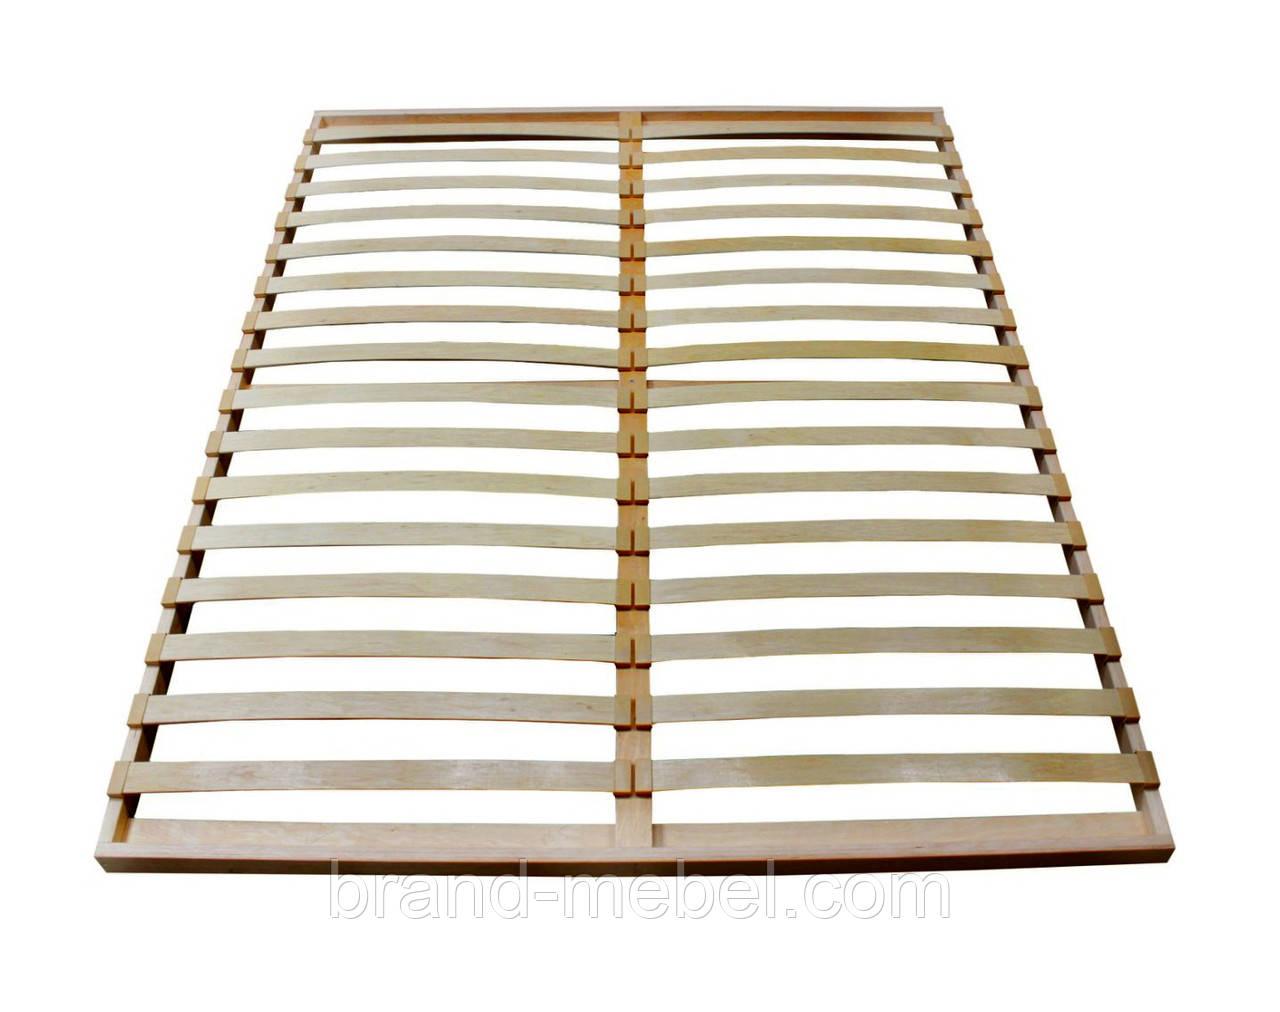 Каркас ліжка дерев'яний розбірний 200*120см